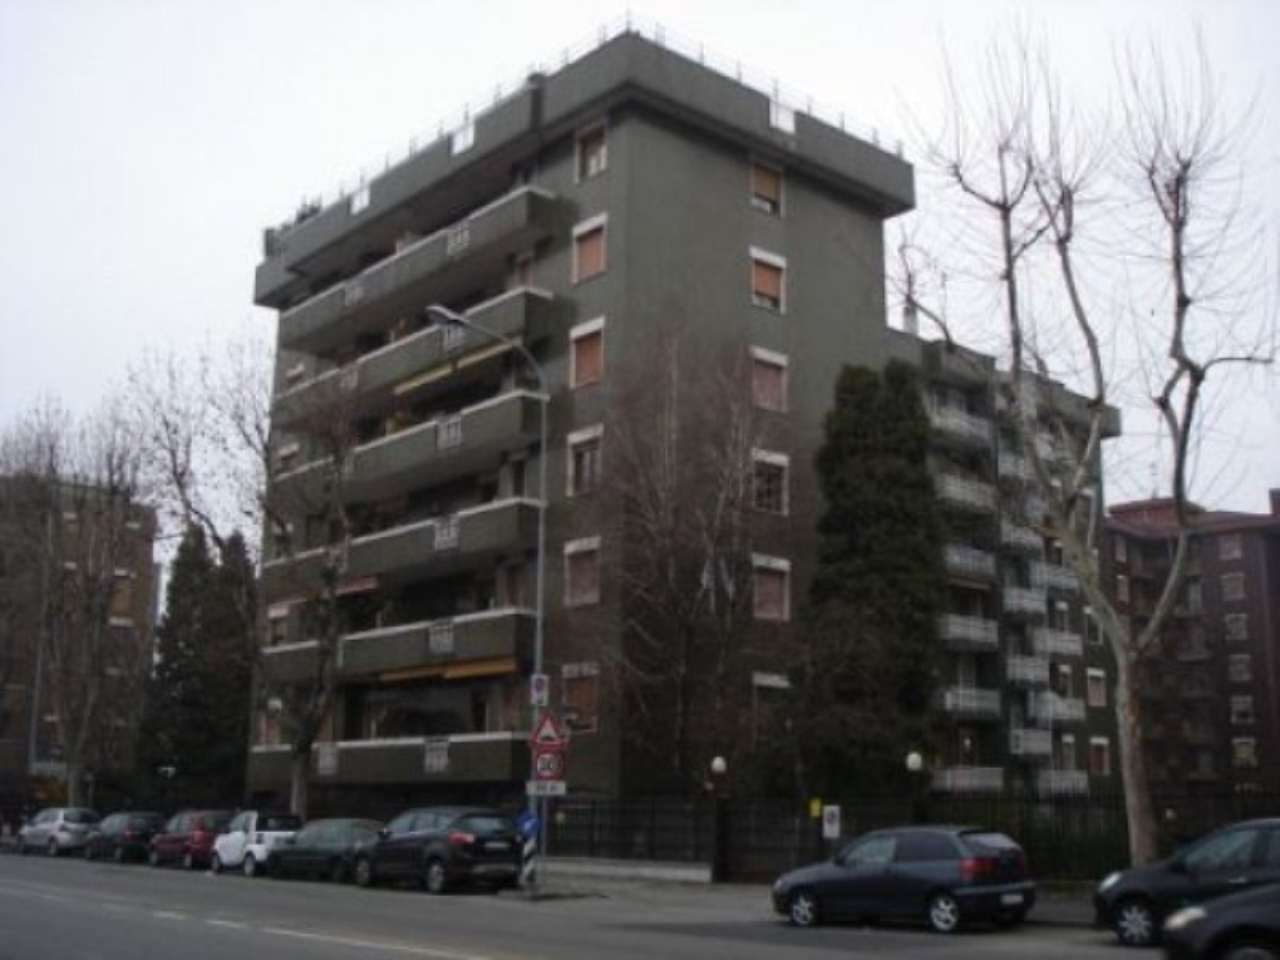 Ufficio / Studio in affitto a Bresso, 9999 locali, prezzo € 800 | Cambio Casa.it